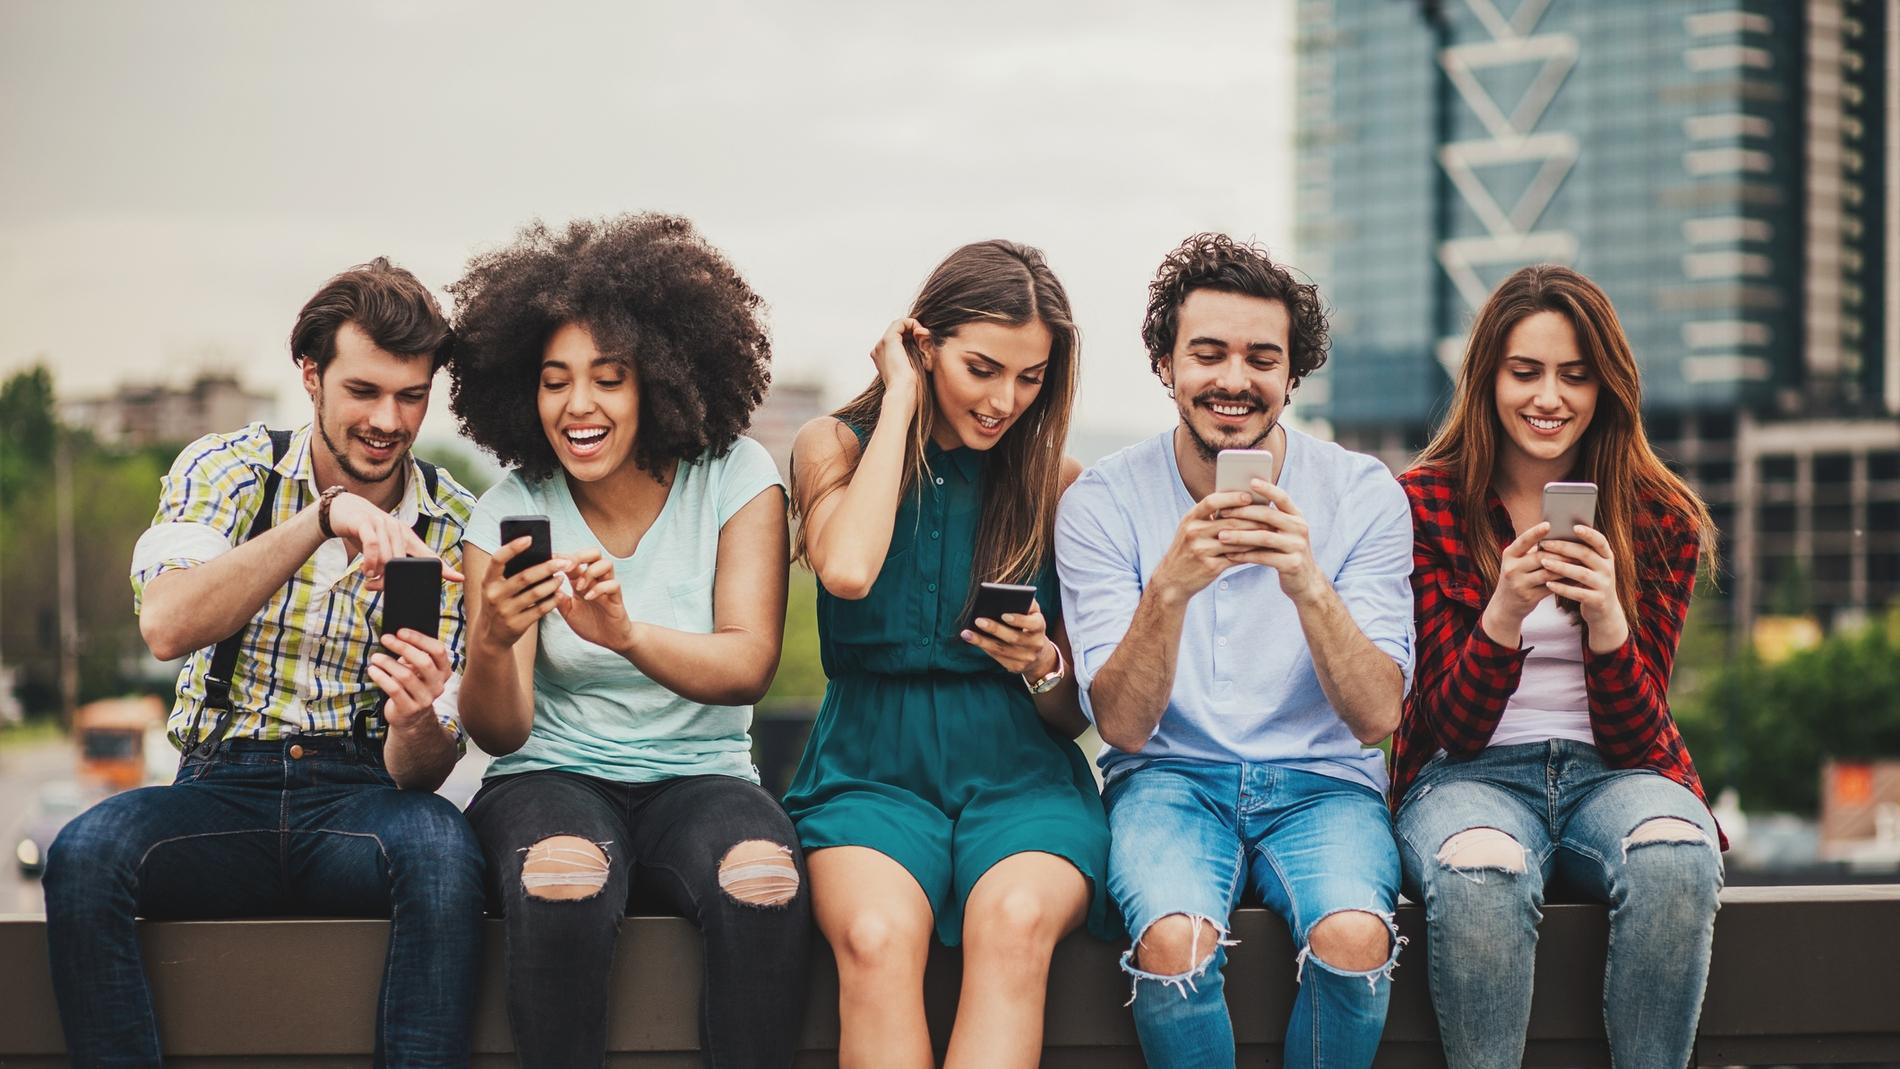 Grupo de amigos analizando sus móviles